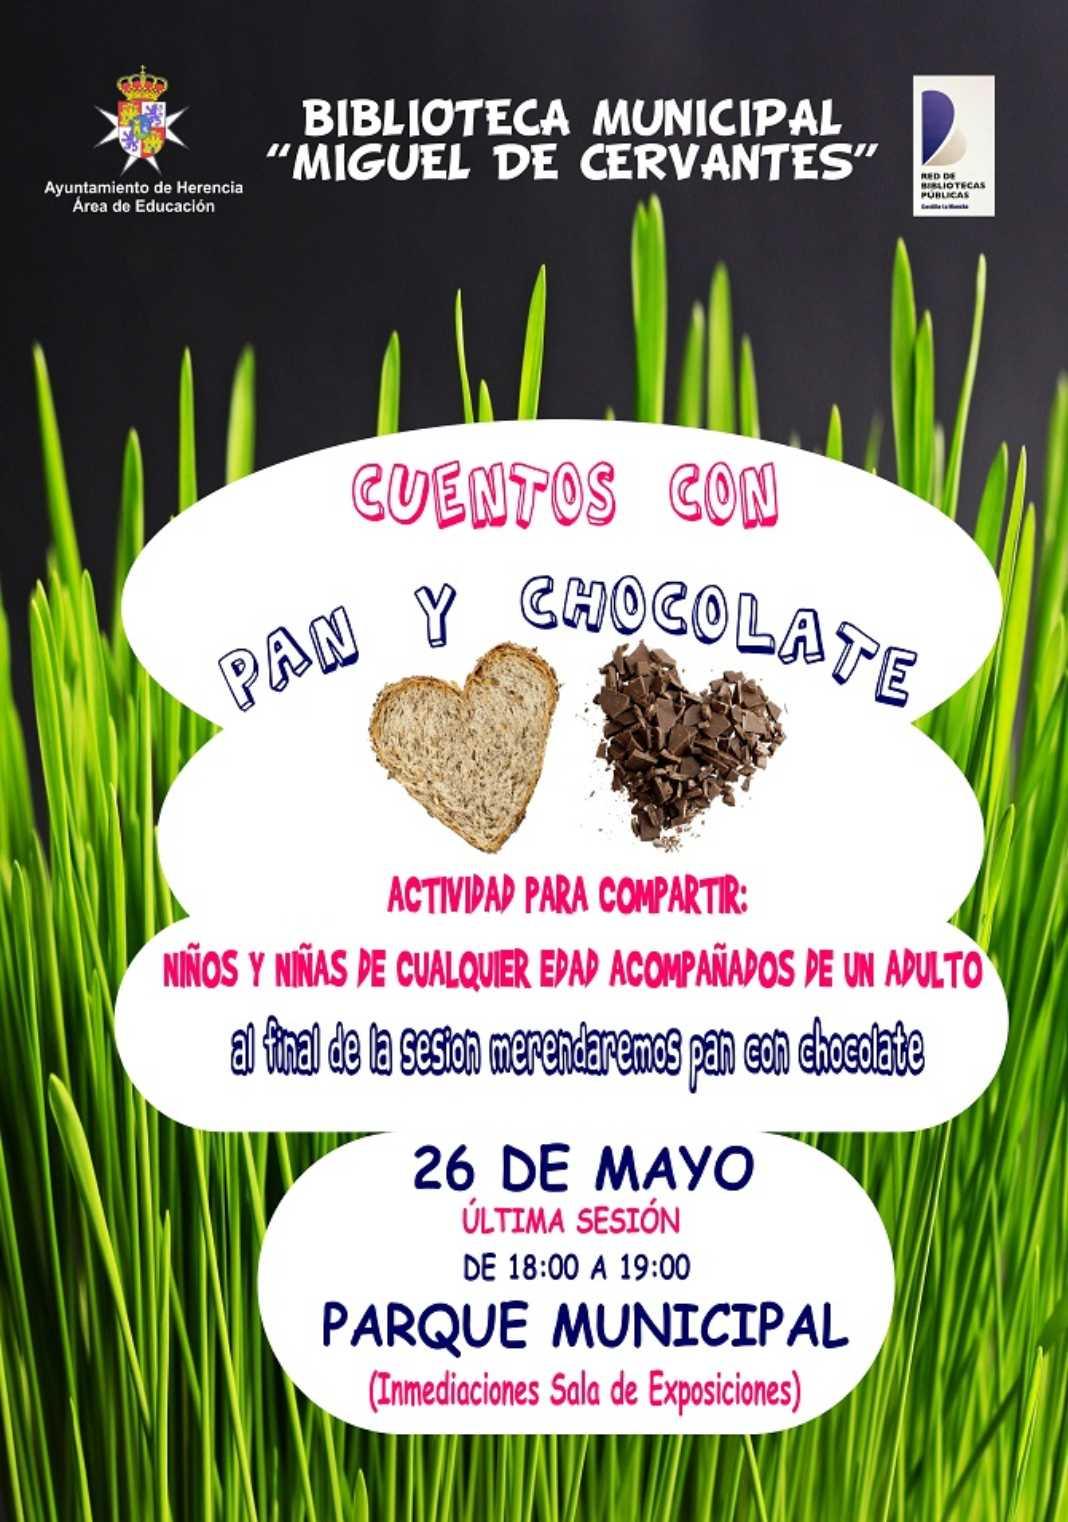 """""""Cuentos con Pan y Chocolate"""" celebra su última sesión de la temporada 2016-17 2"""